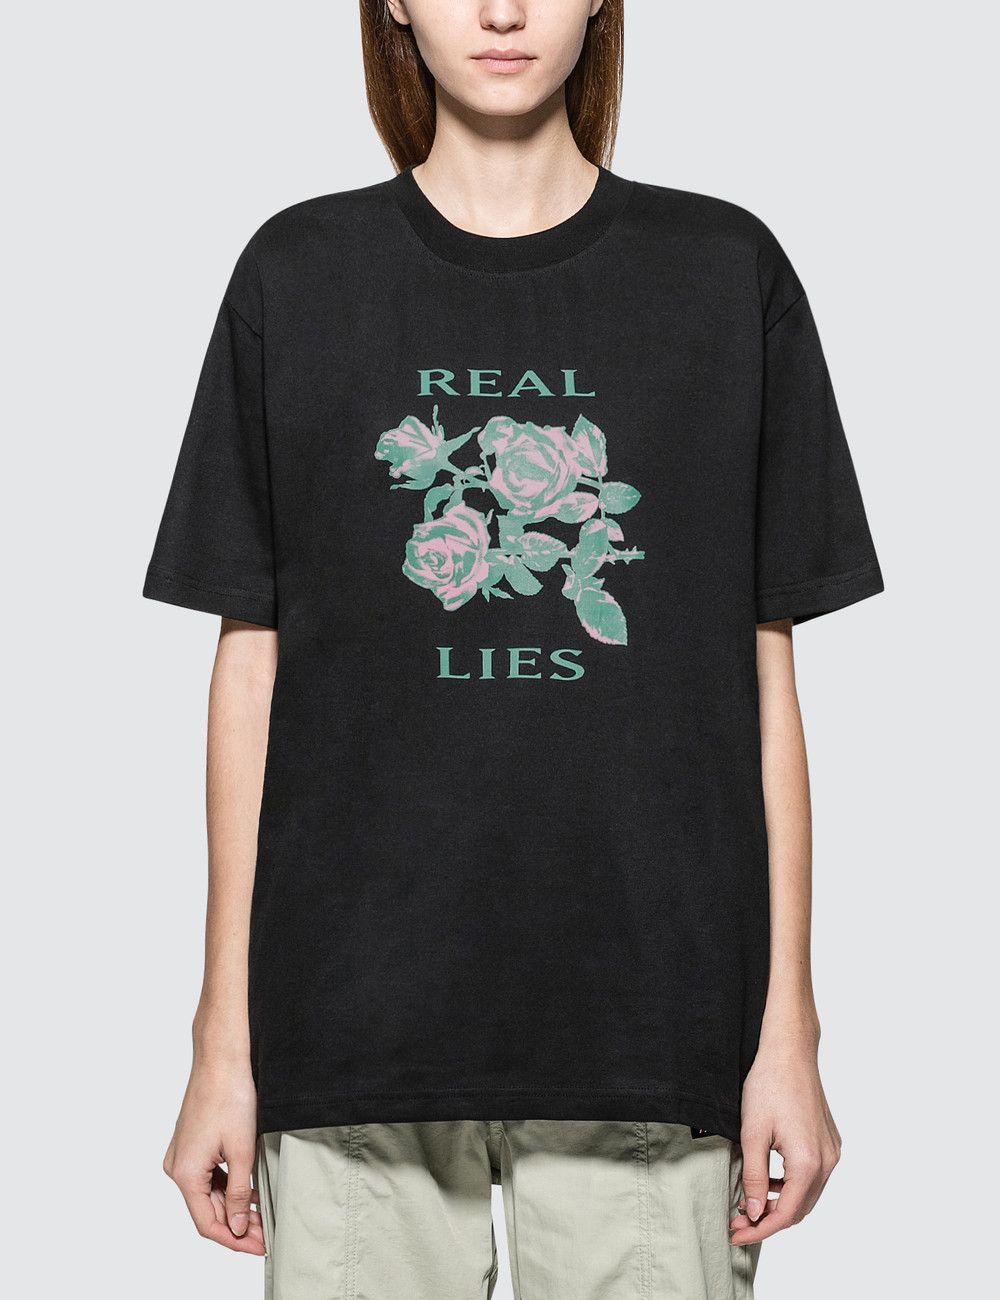 acheter authentique 100% authentique sélectionner pour l'original Real Lies Short Sleeve T-shirt | Sleeves, Shirts, Short sleeves